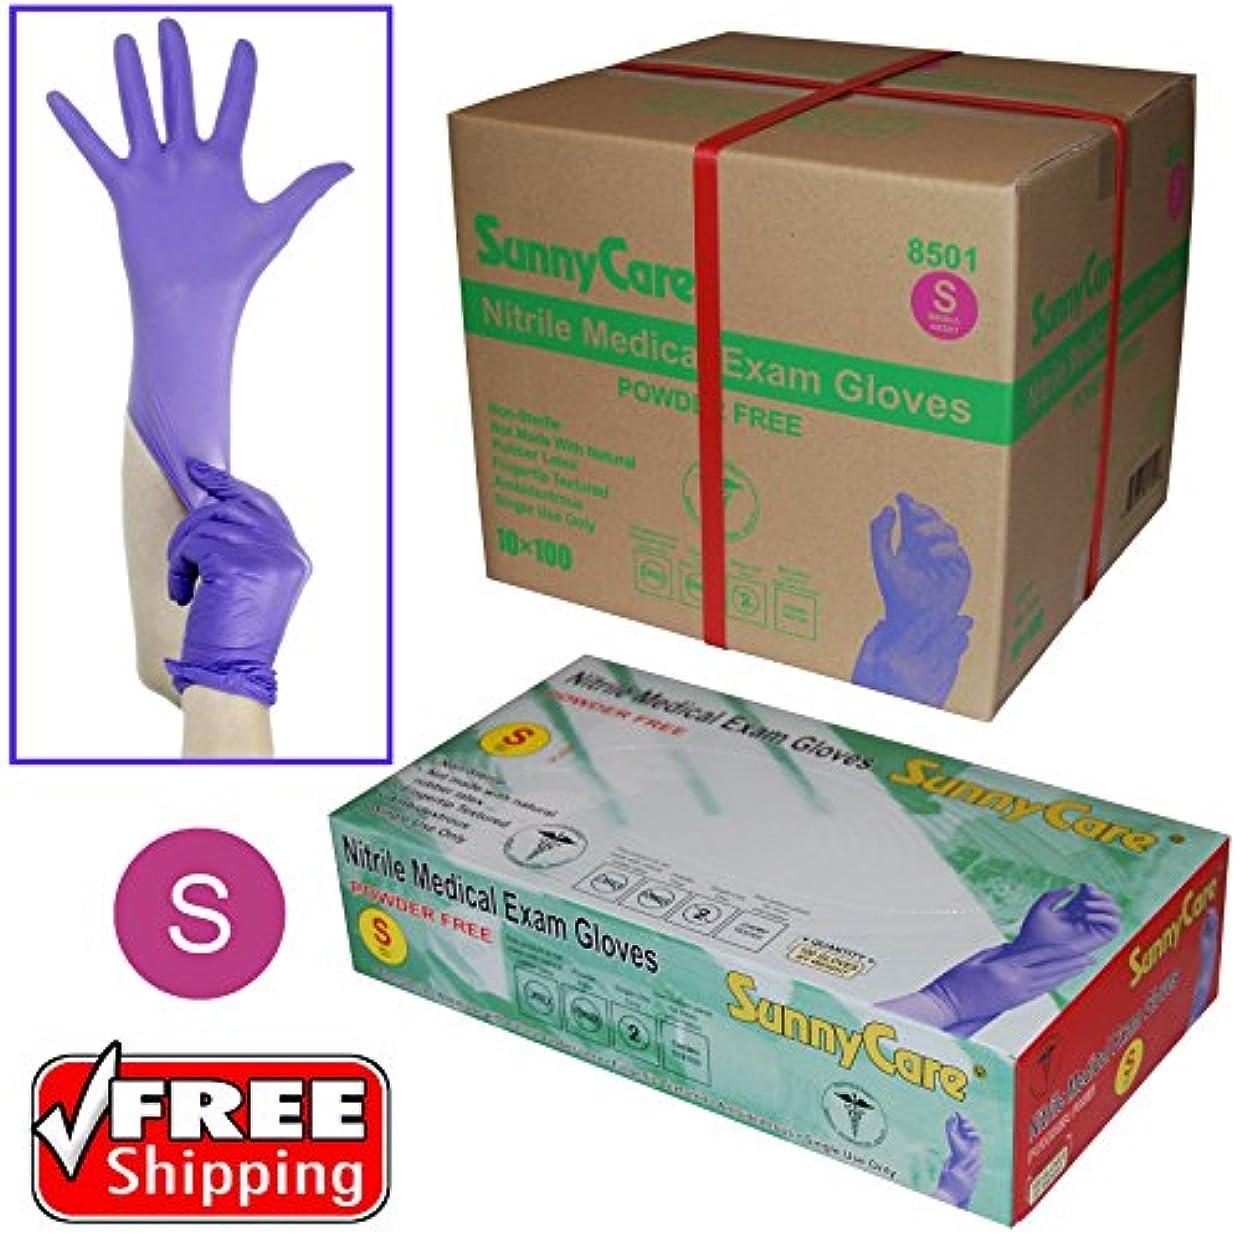 送信する反論者上昇Sunnycare #8501 1000pcs 3.5mil Soft Nitrile Powder-free Medical Exam Gloves (Latex Vinyl Free) by SunnyCare